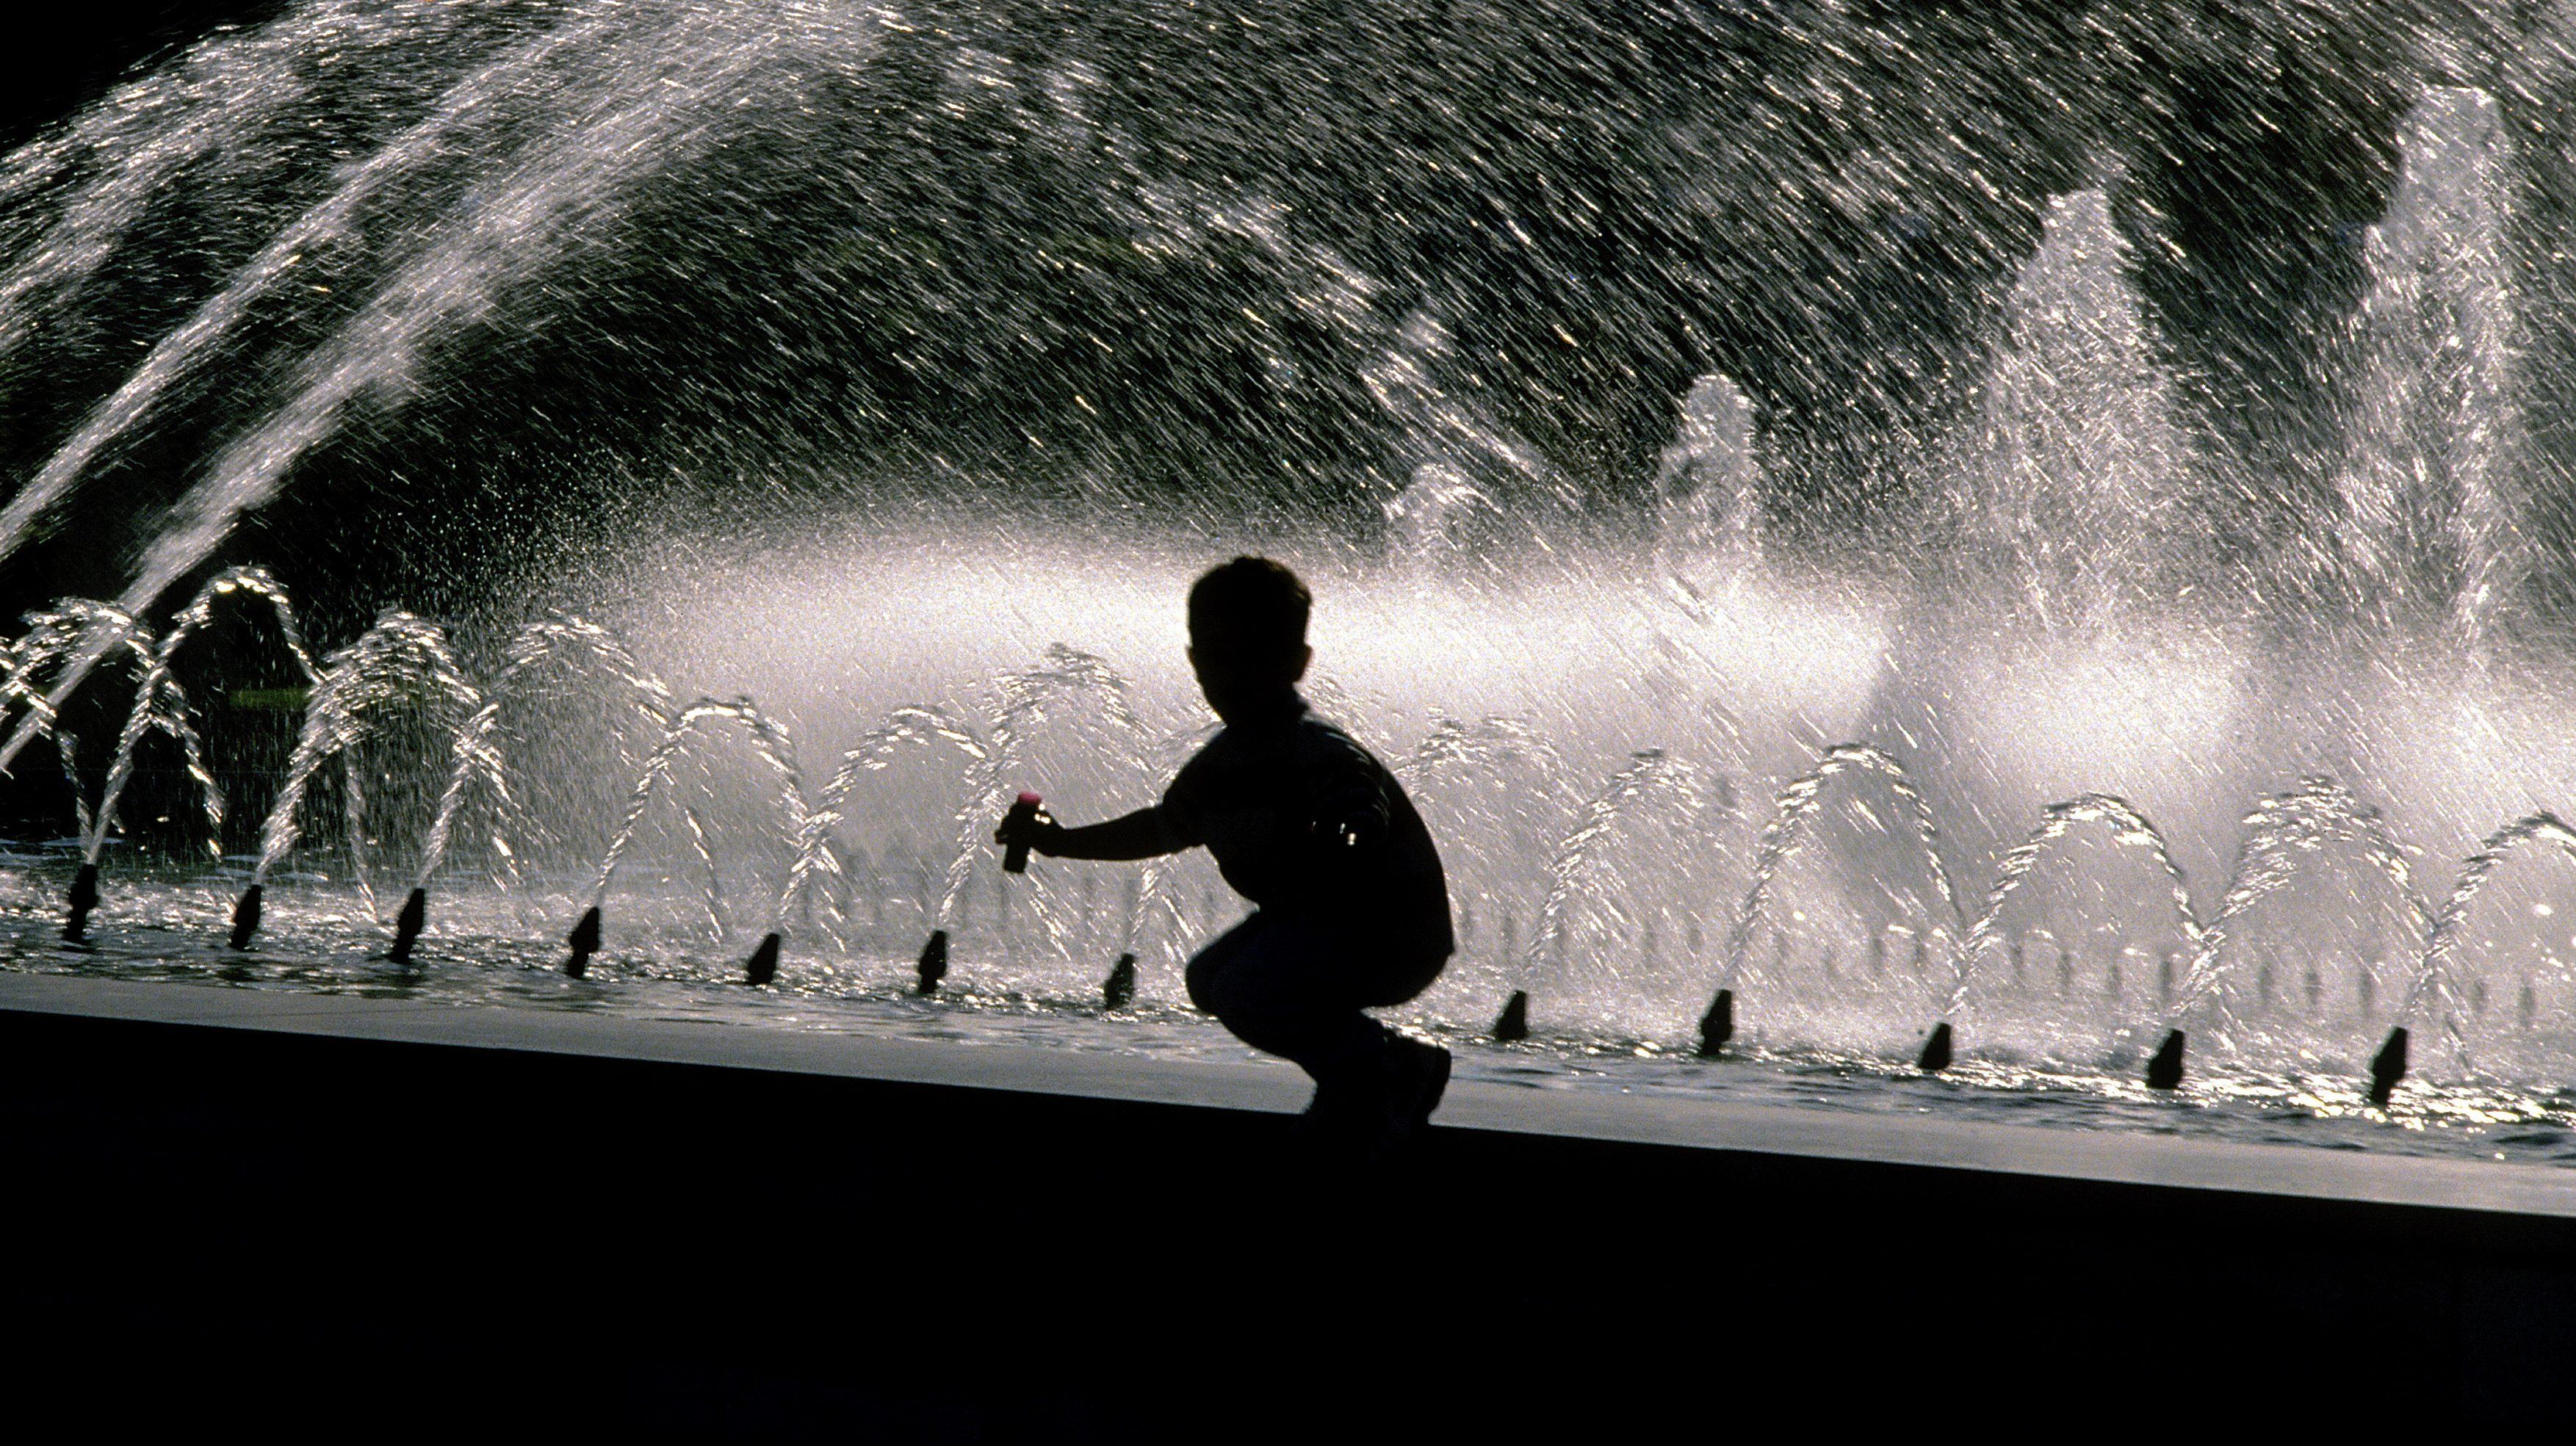 Kindje speelt met water bij fontein